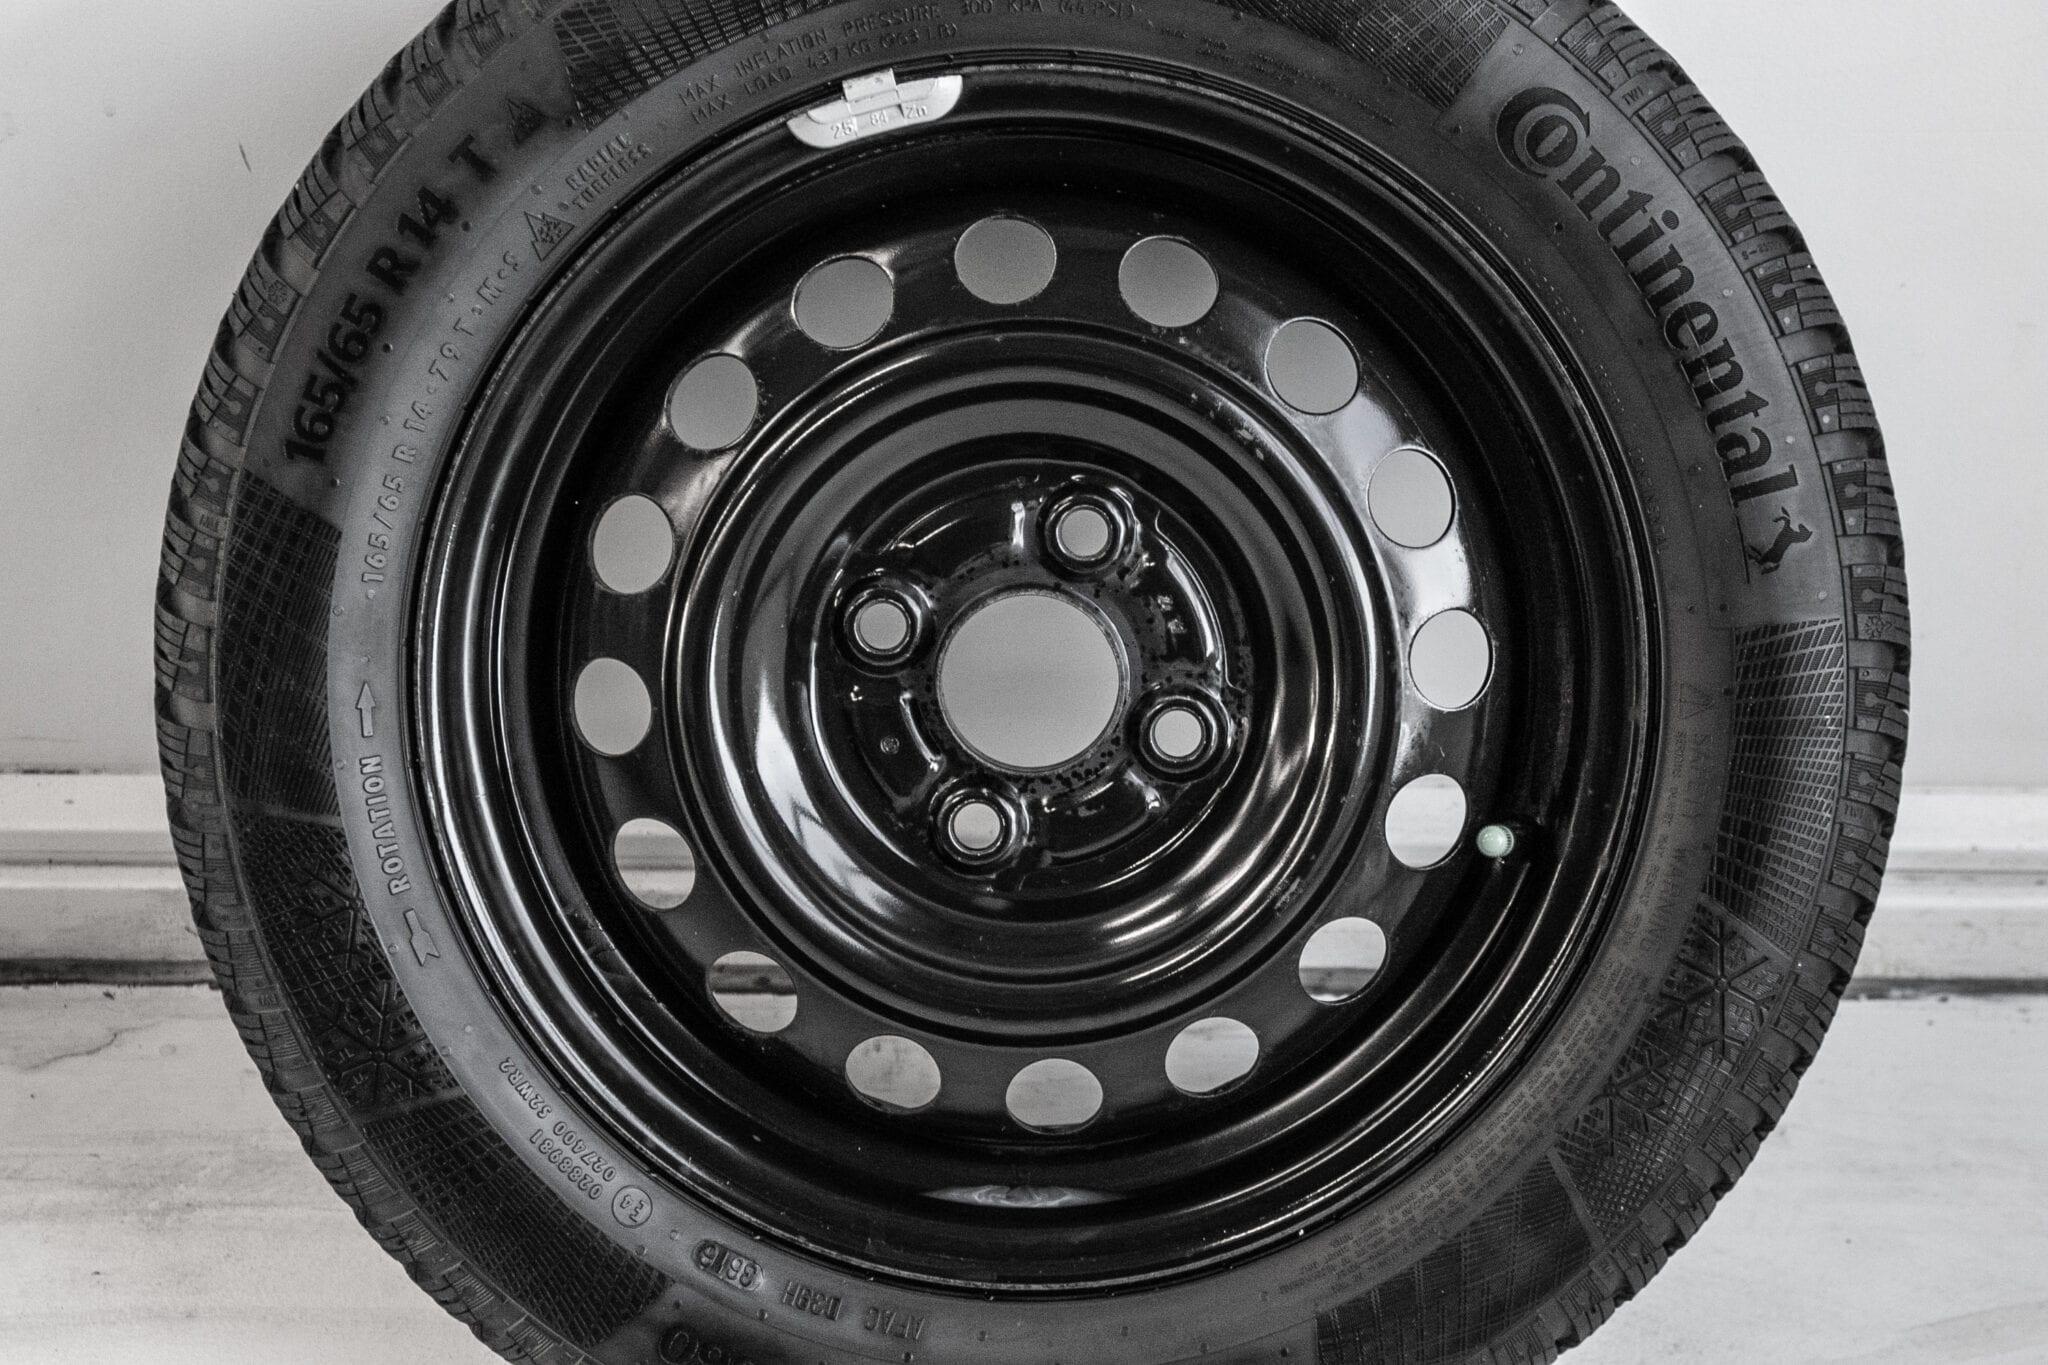 """14"""" Winterwielen voor de Mitsubishi Spacestar €249,- Gebruikt. Profieldiepte: 6.4mm - 7.8mm"""